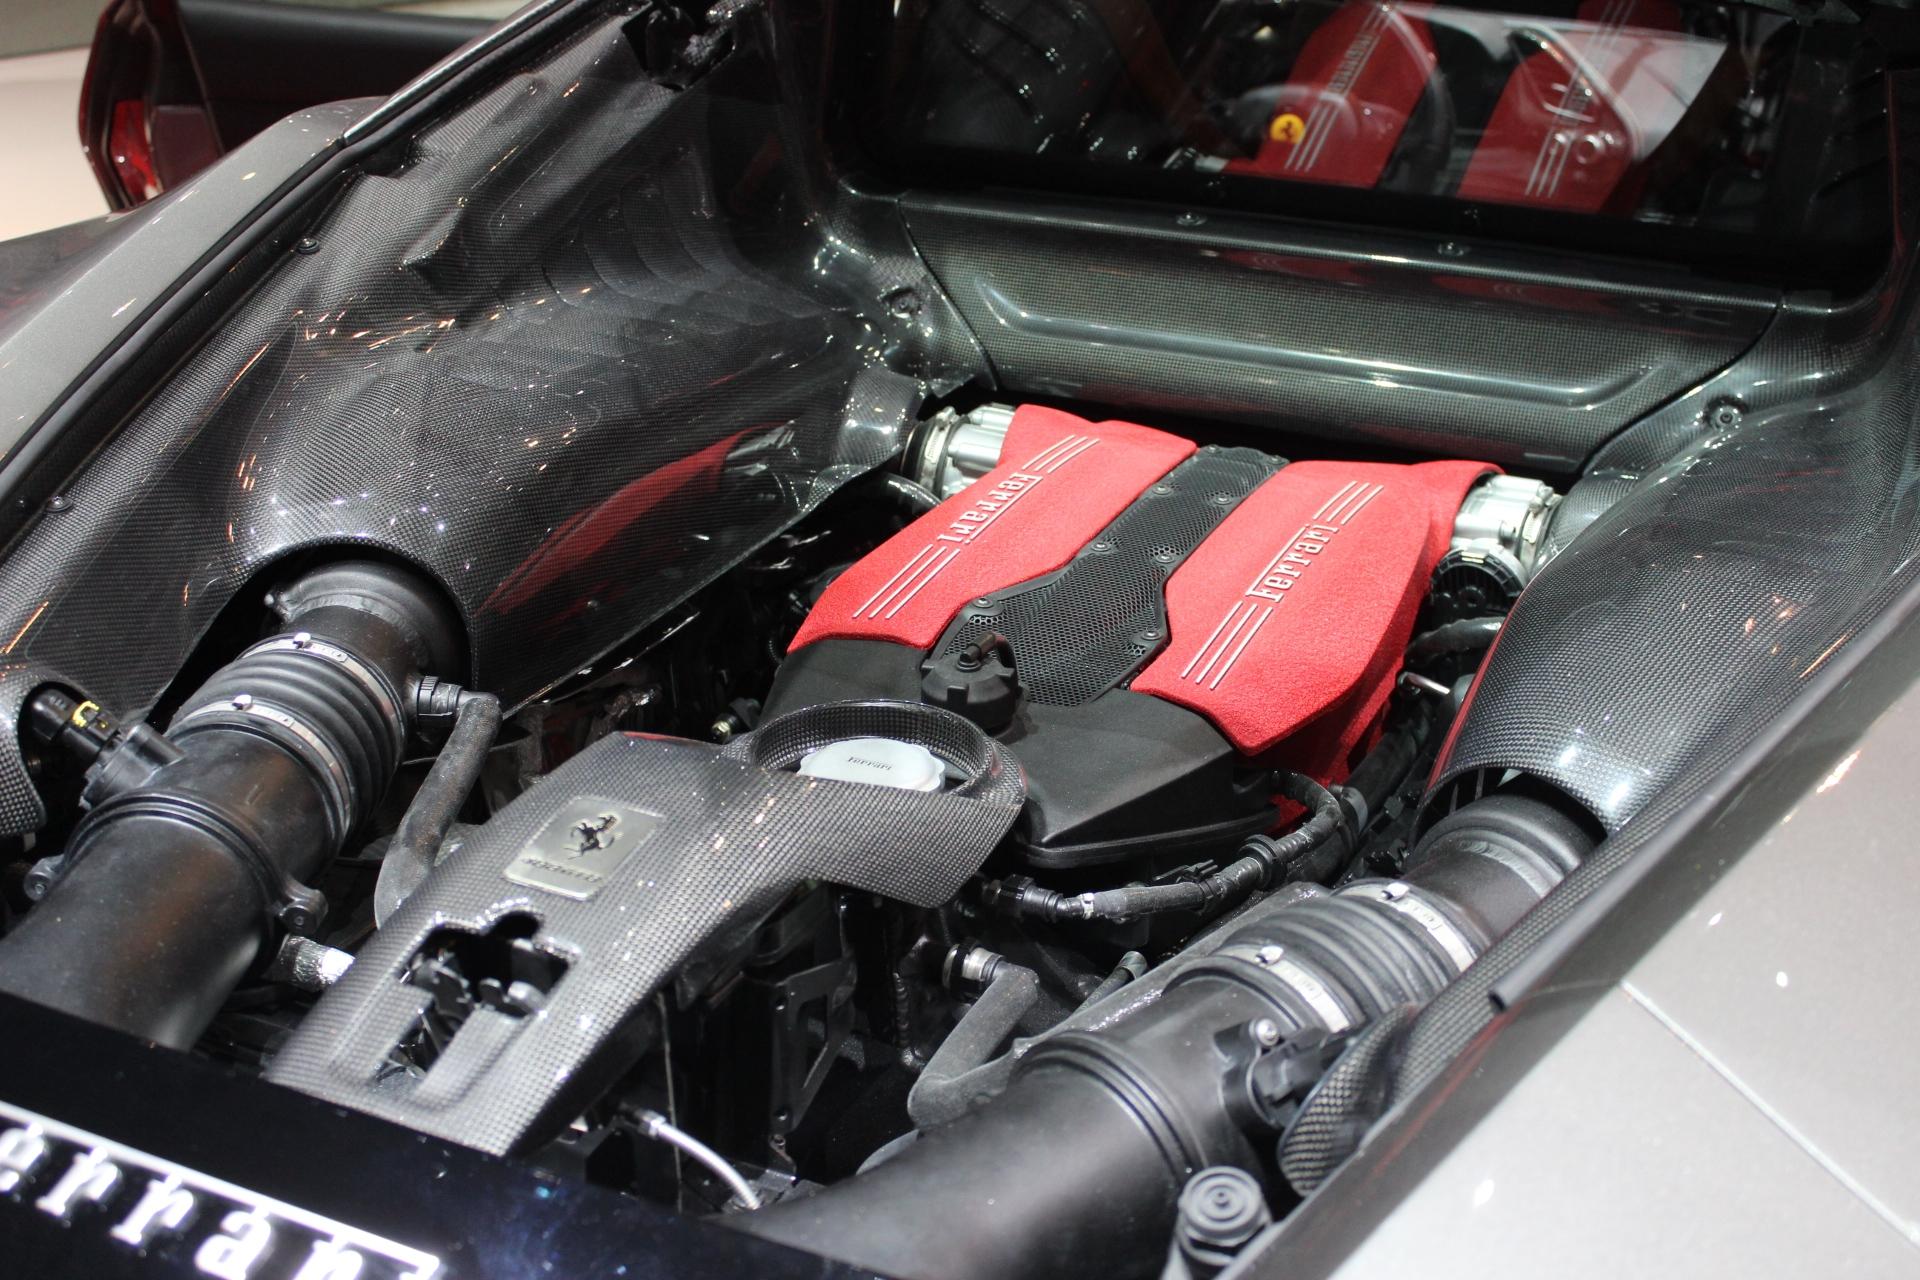 S0-Ferrari-488-GTB-les-bienfaits-du-turbo-En-direct-du-salon-de-Geneve-2015-347043